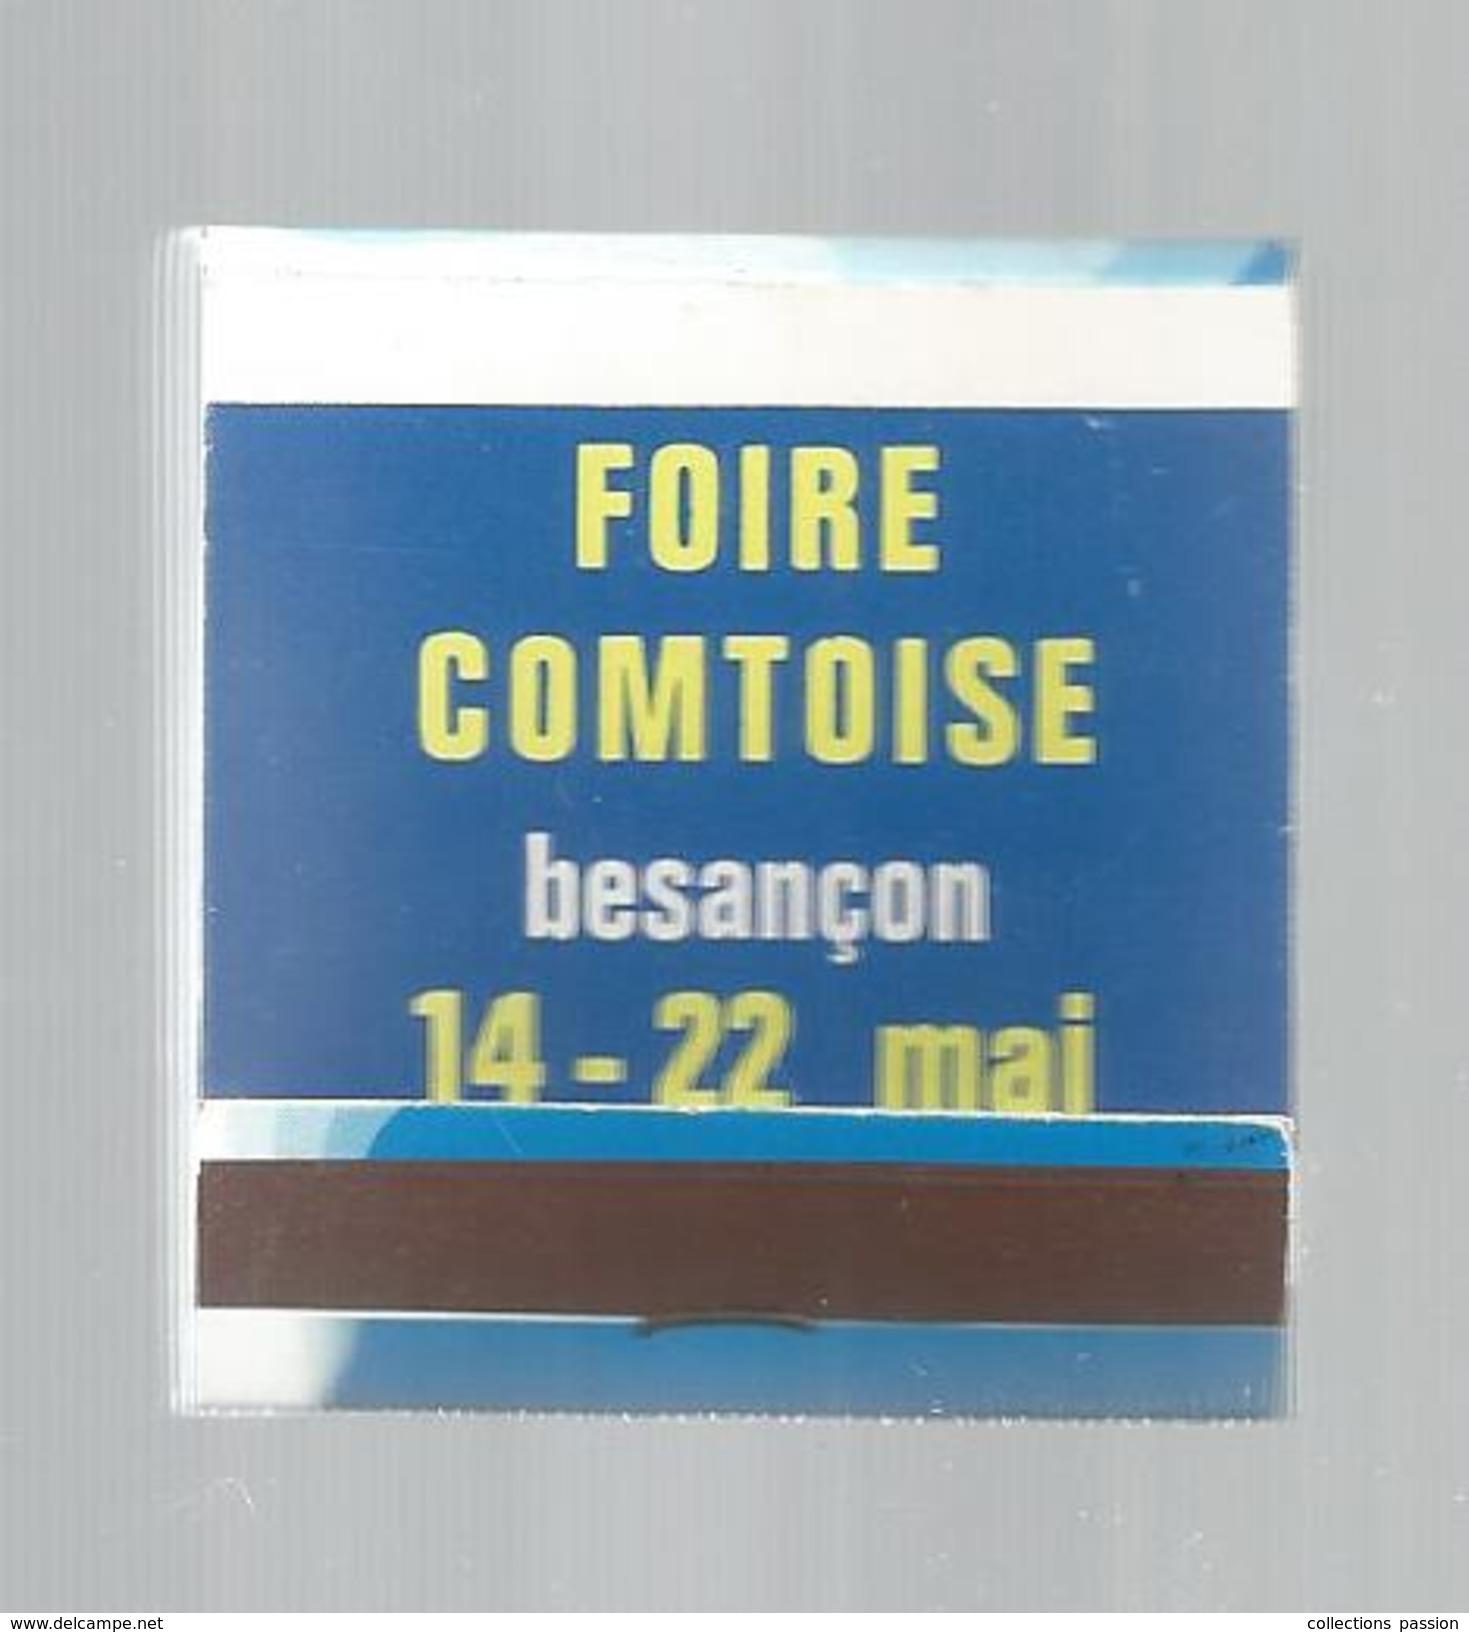 G-I-E, Tabac, Boites, Pochette D'ALLUMETTES,  Publicité, 2 Scans, Foire COMTOISE , BESANCON , Gitanes , Cigarettes - Matchbox Labels